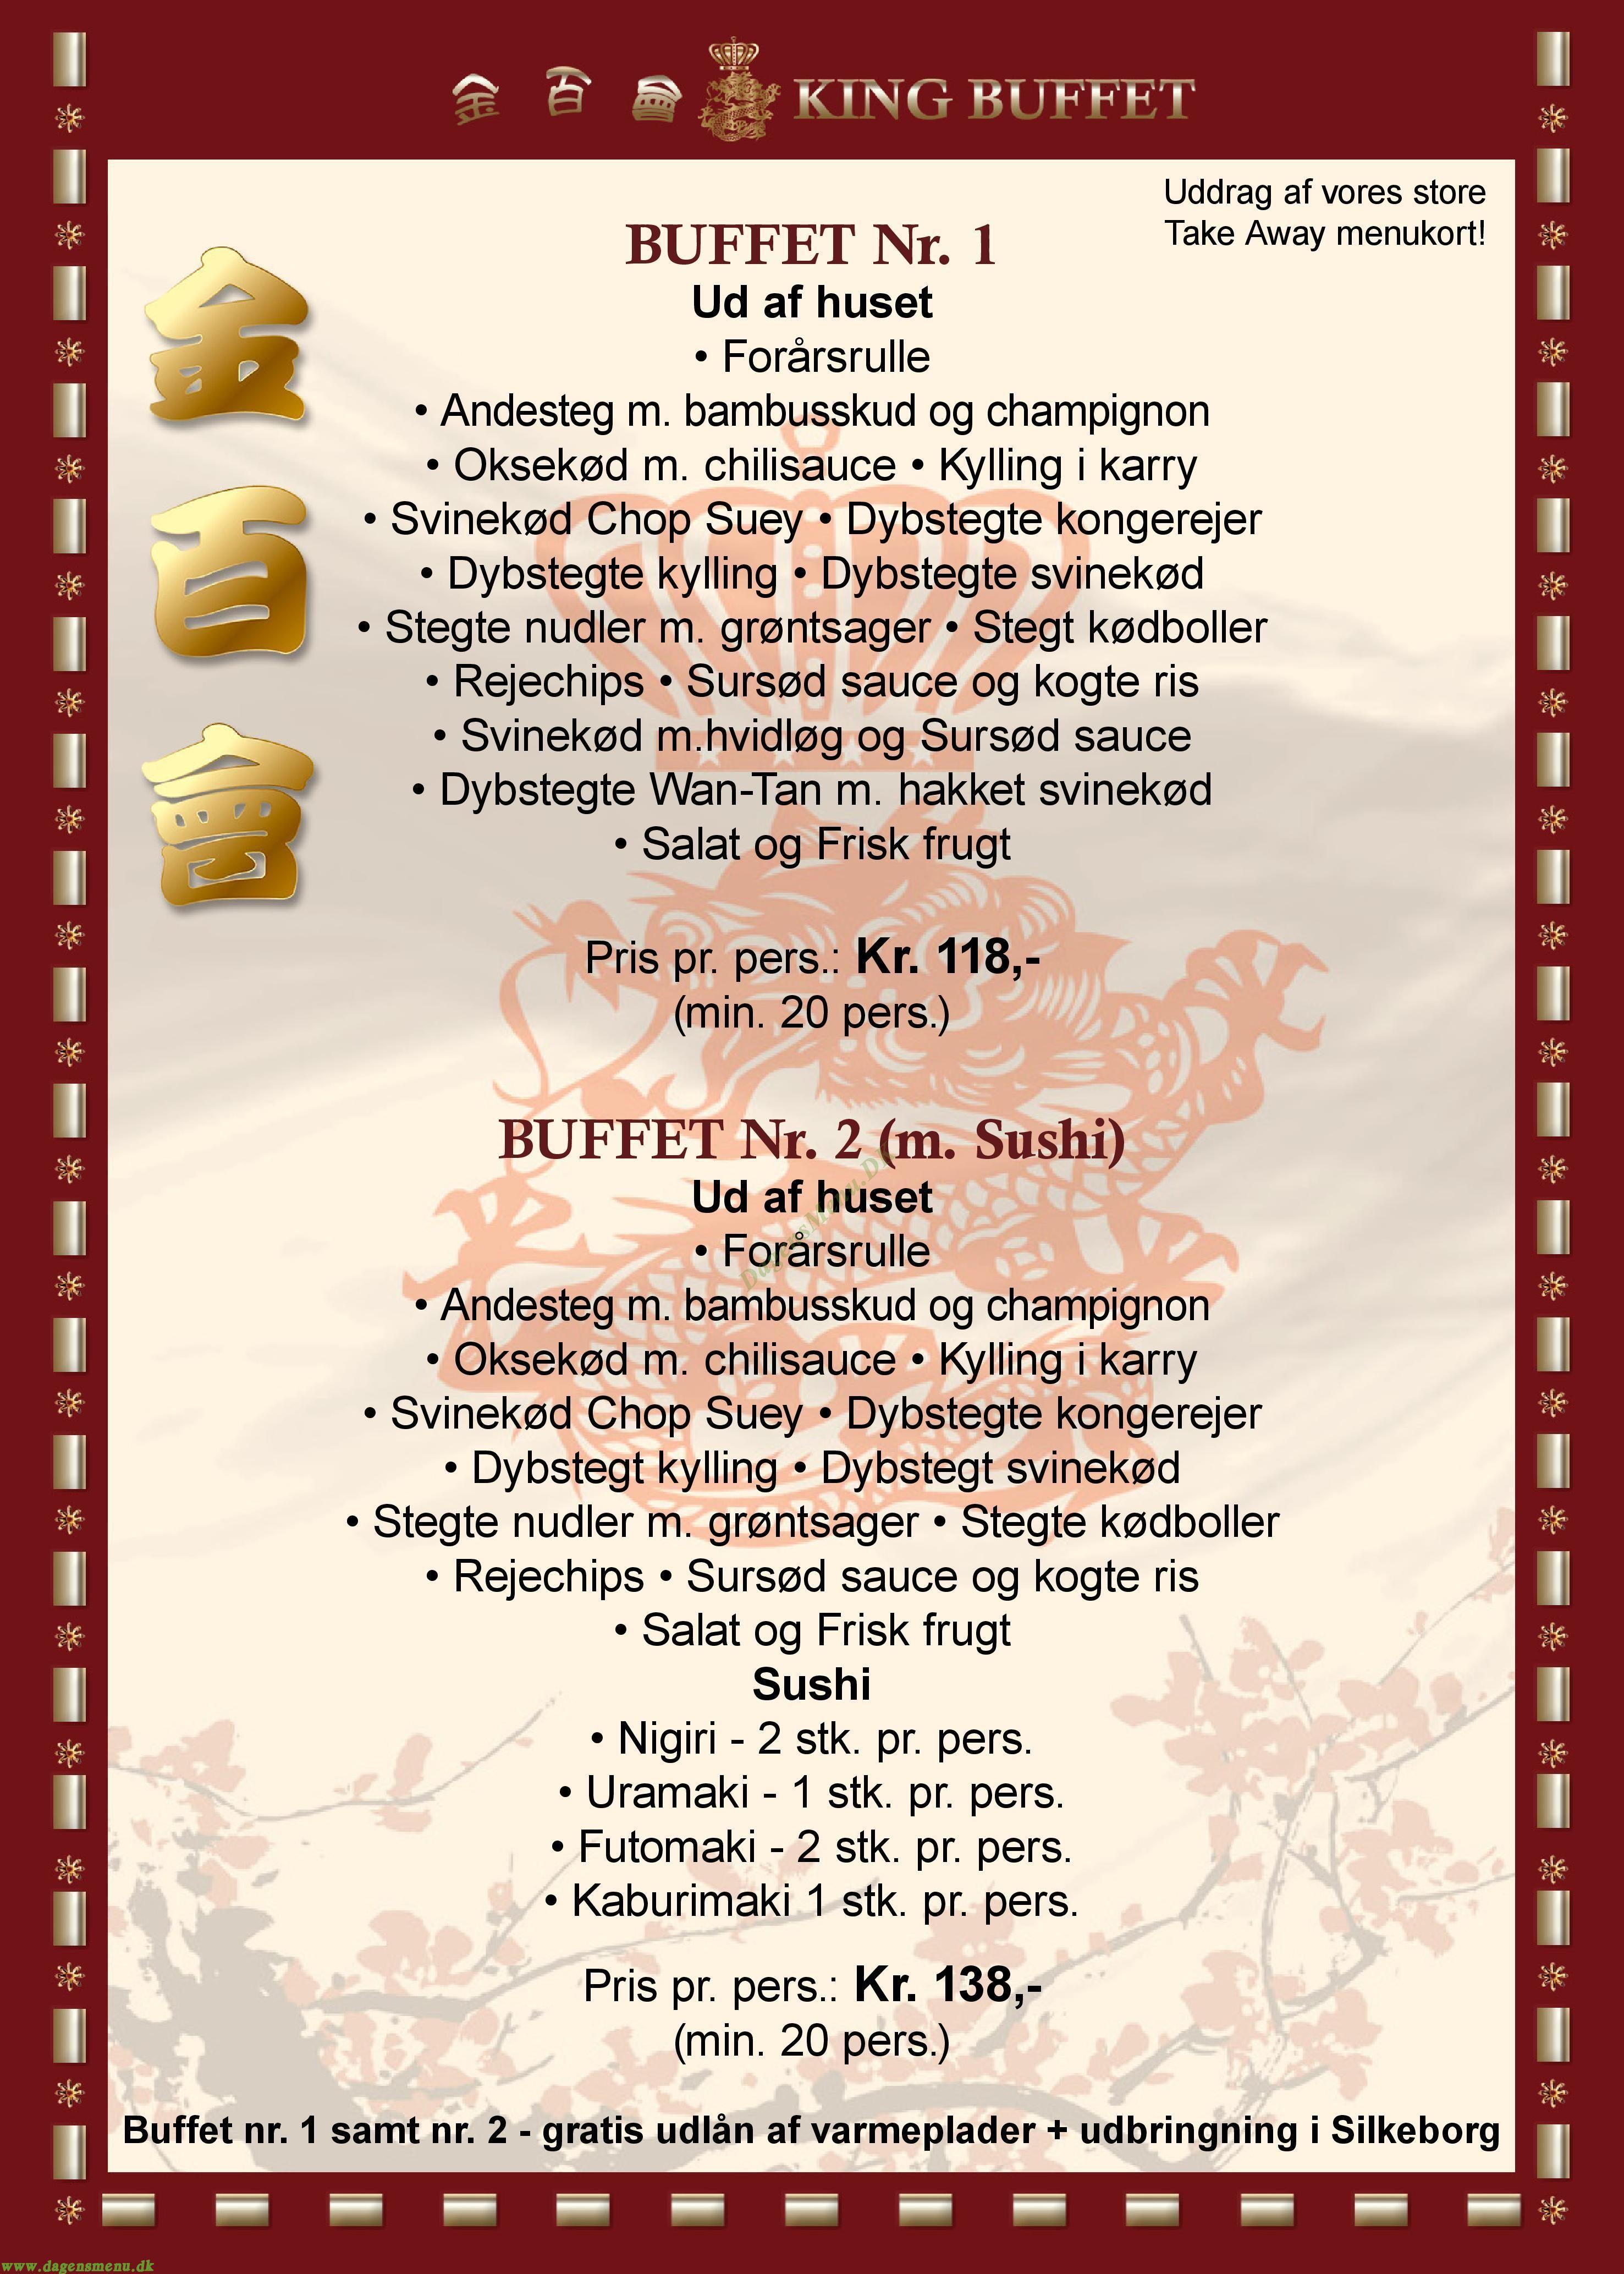 Restaurant King Buffet - Menukort